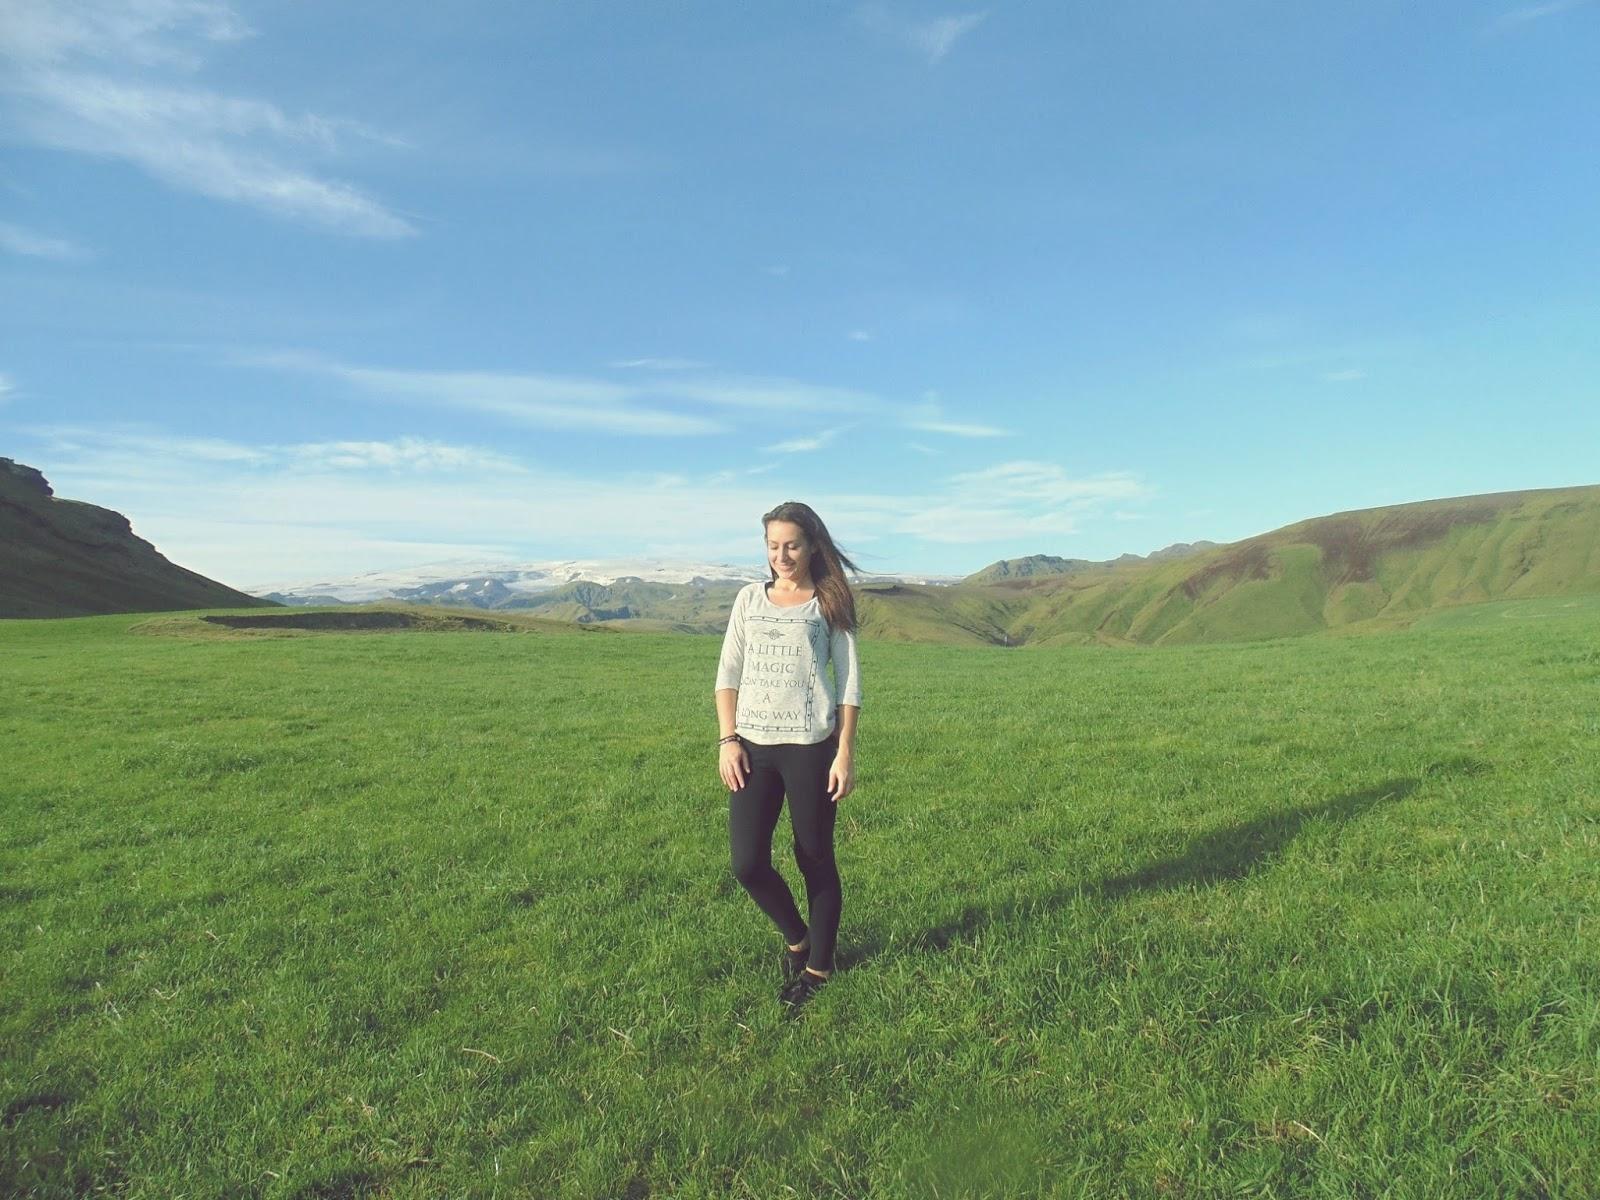 Lodowiec, Myrdalsjokull, plaża, czarna plaża, Reynisfjara, południowa Islandia, atrakcje turystyczne Islandii, Islandia, blog o Islandii, praca w Islandii, pani dorcia, blog podróżniczy, blog fotograficzny